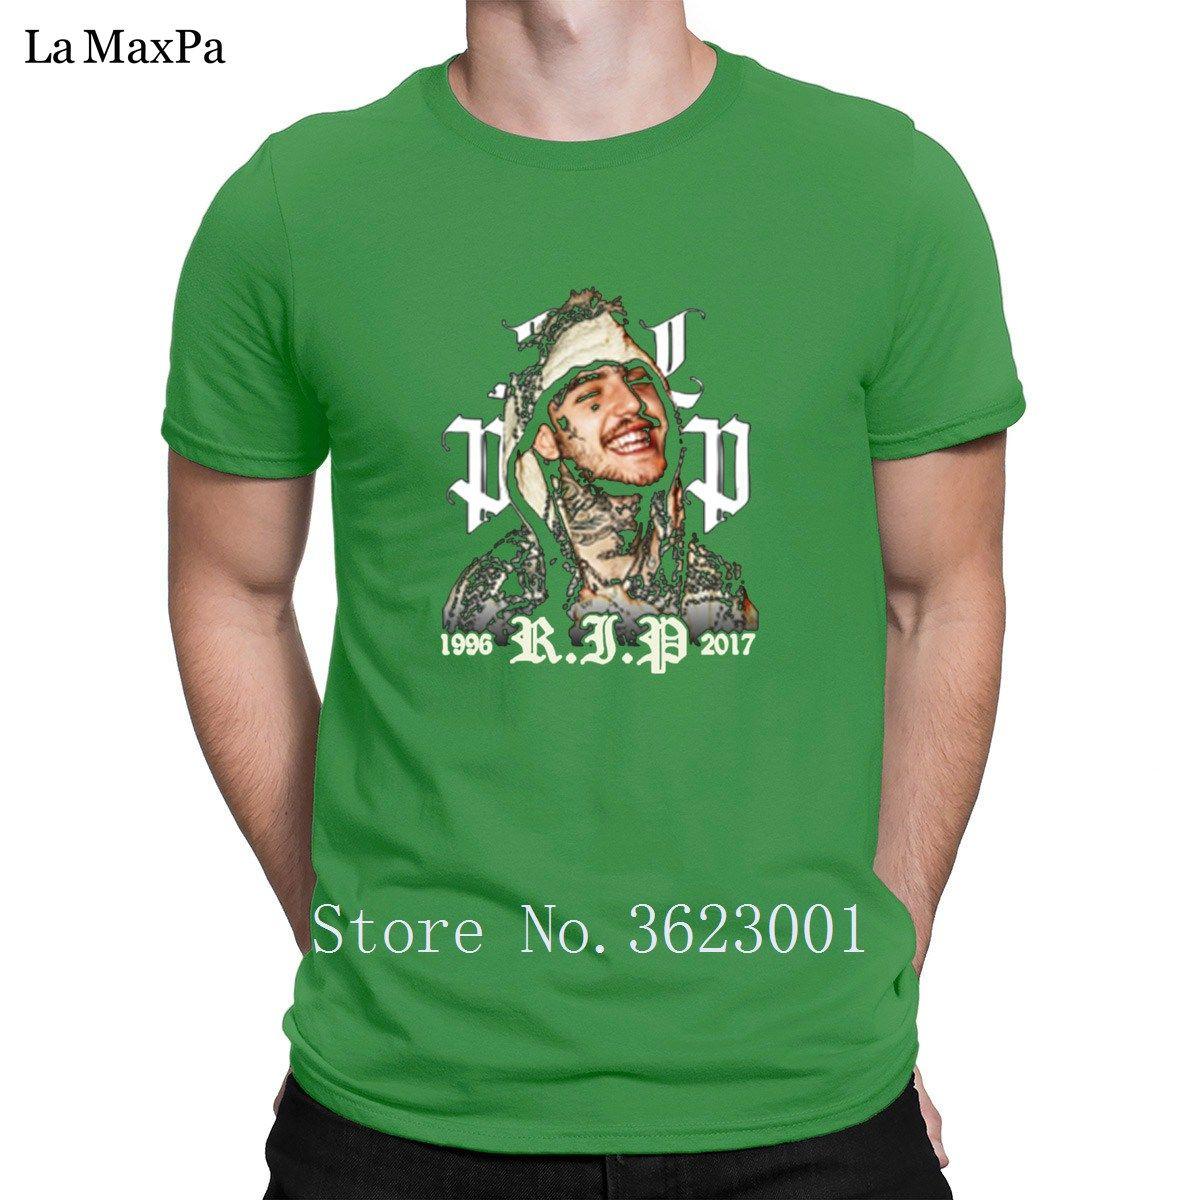 Shirt creativo Letters Tee Per Mens estate maglietta normale Men T shirt da Uomo Lil Peep maglietta del cotone Top Tee